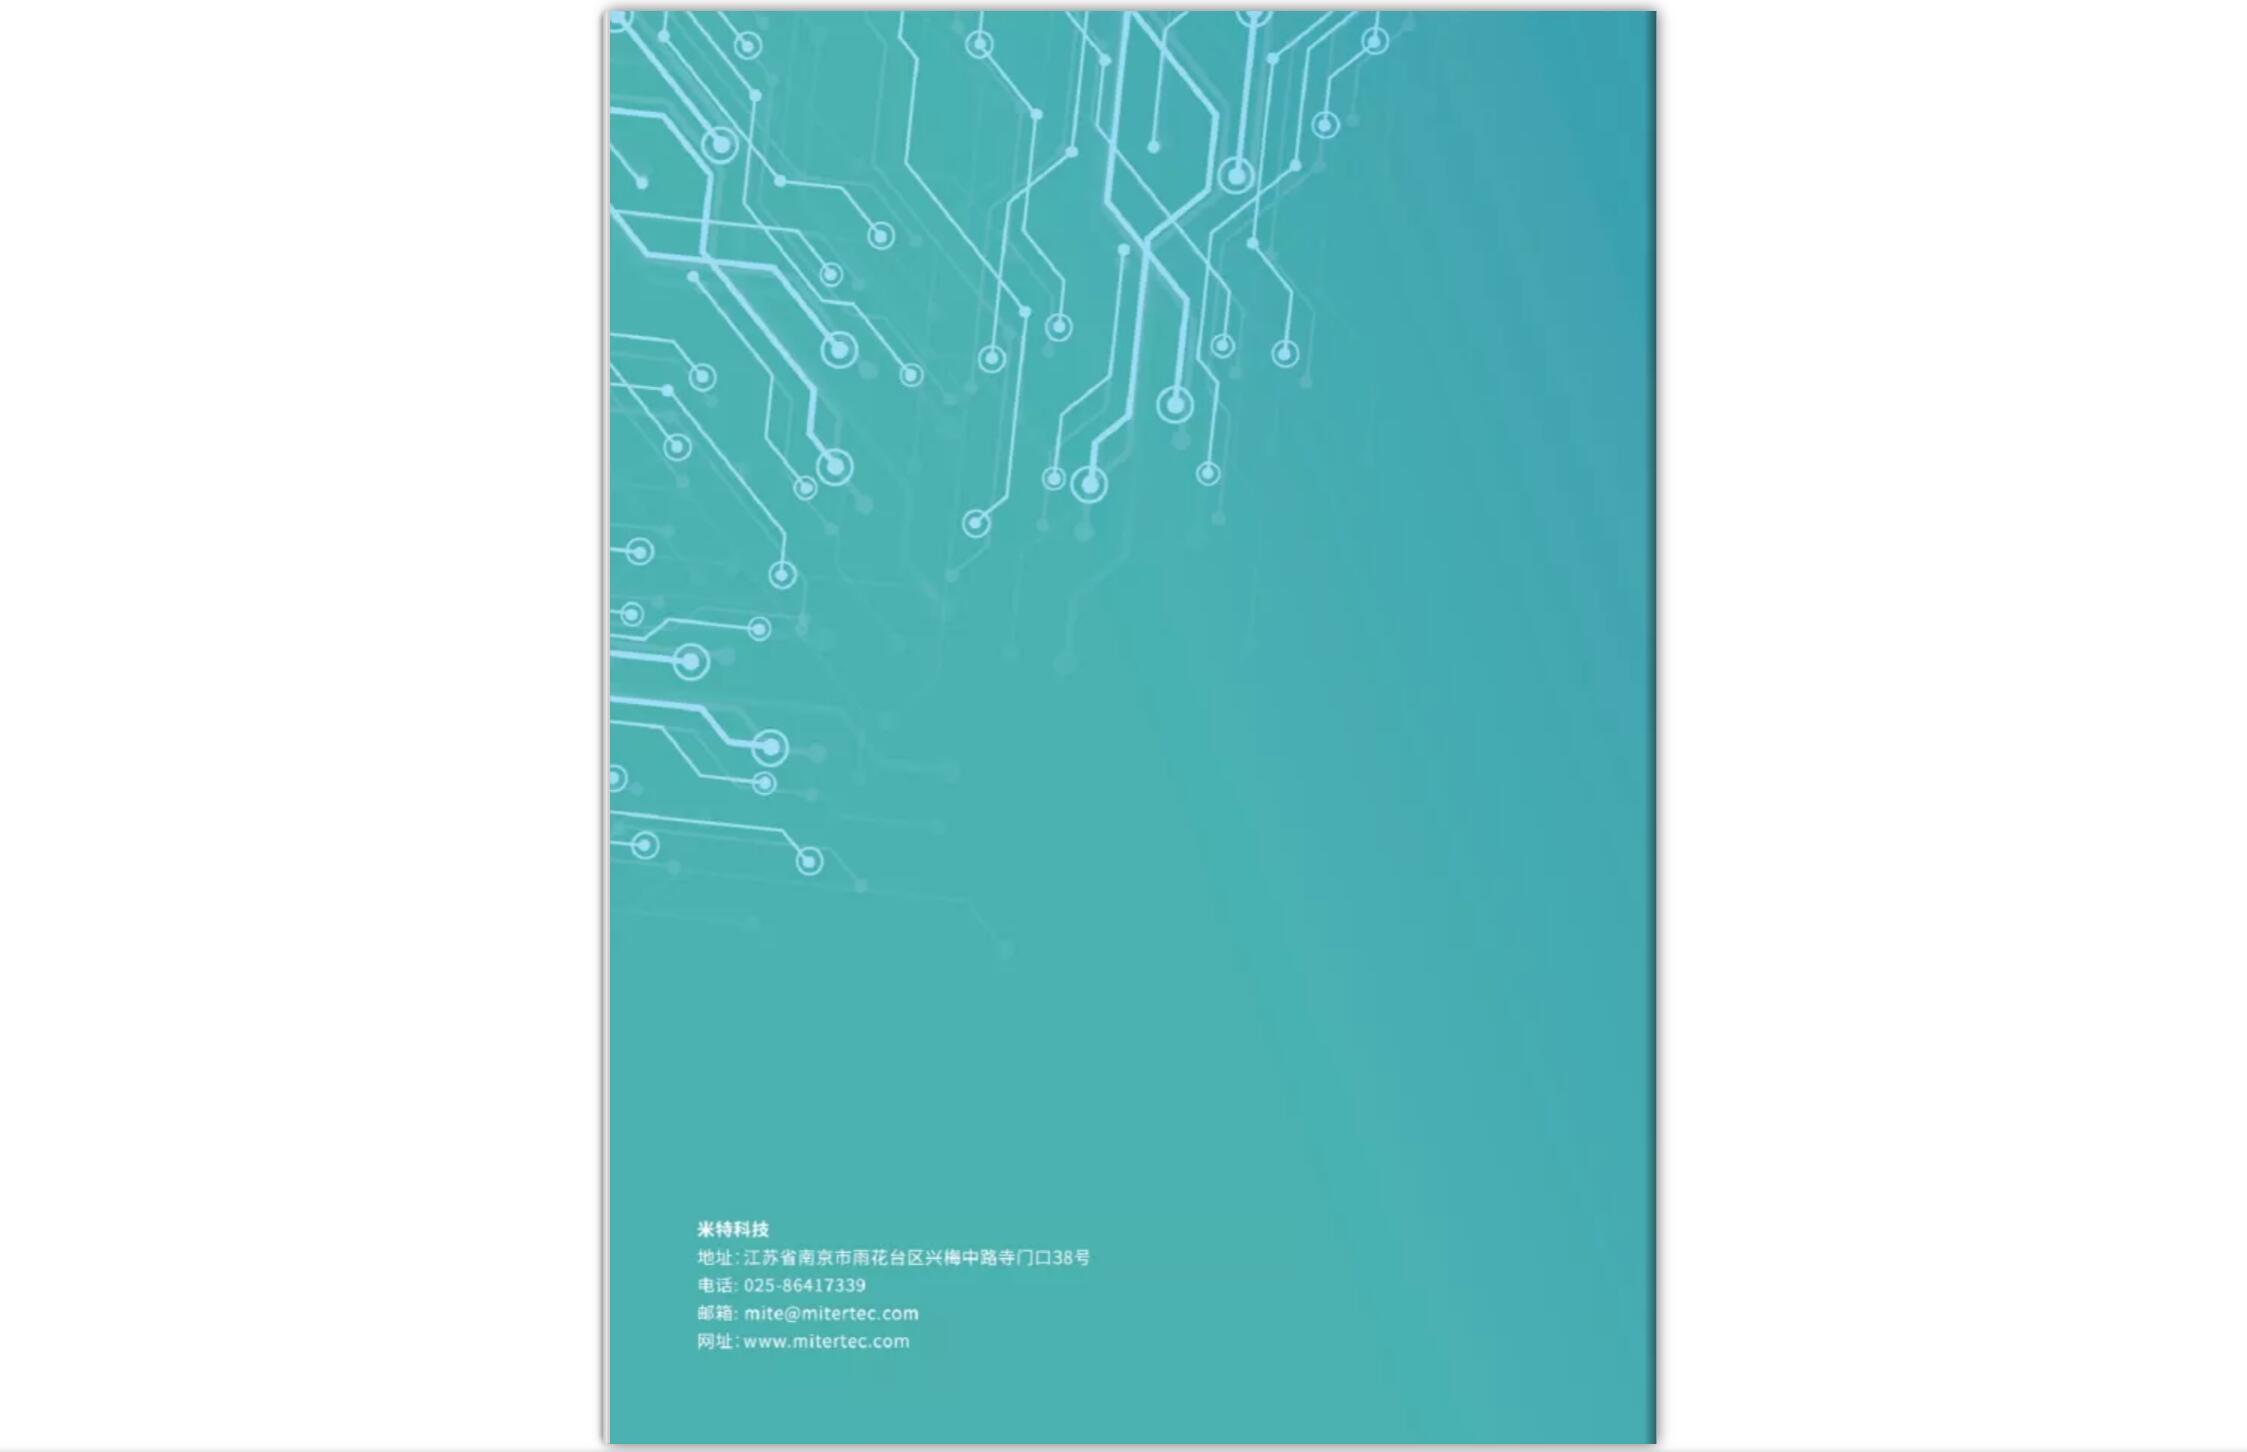 物联网画册设计